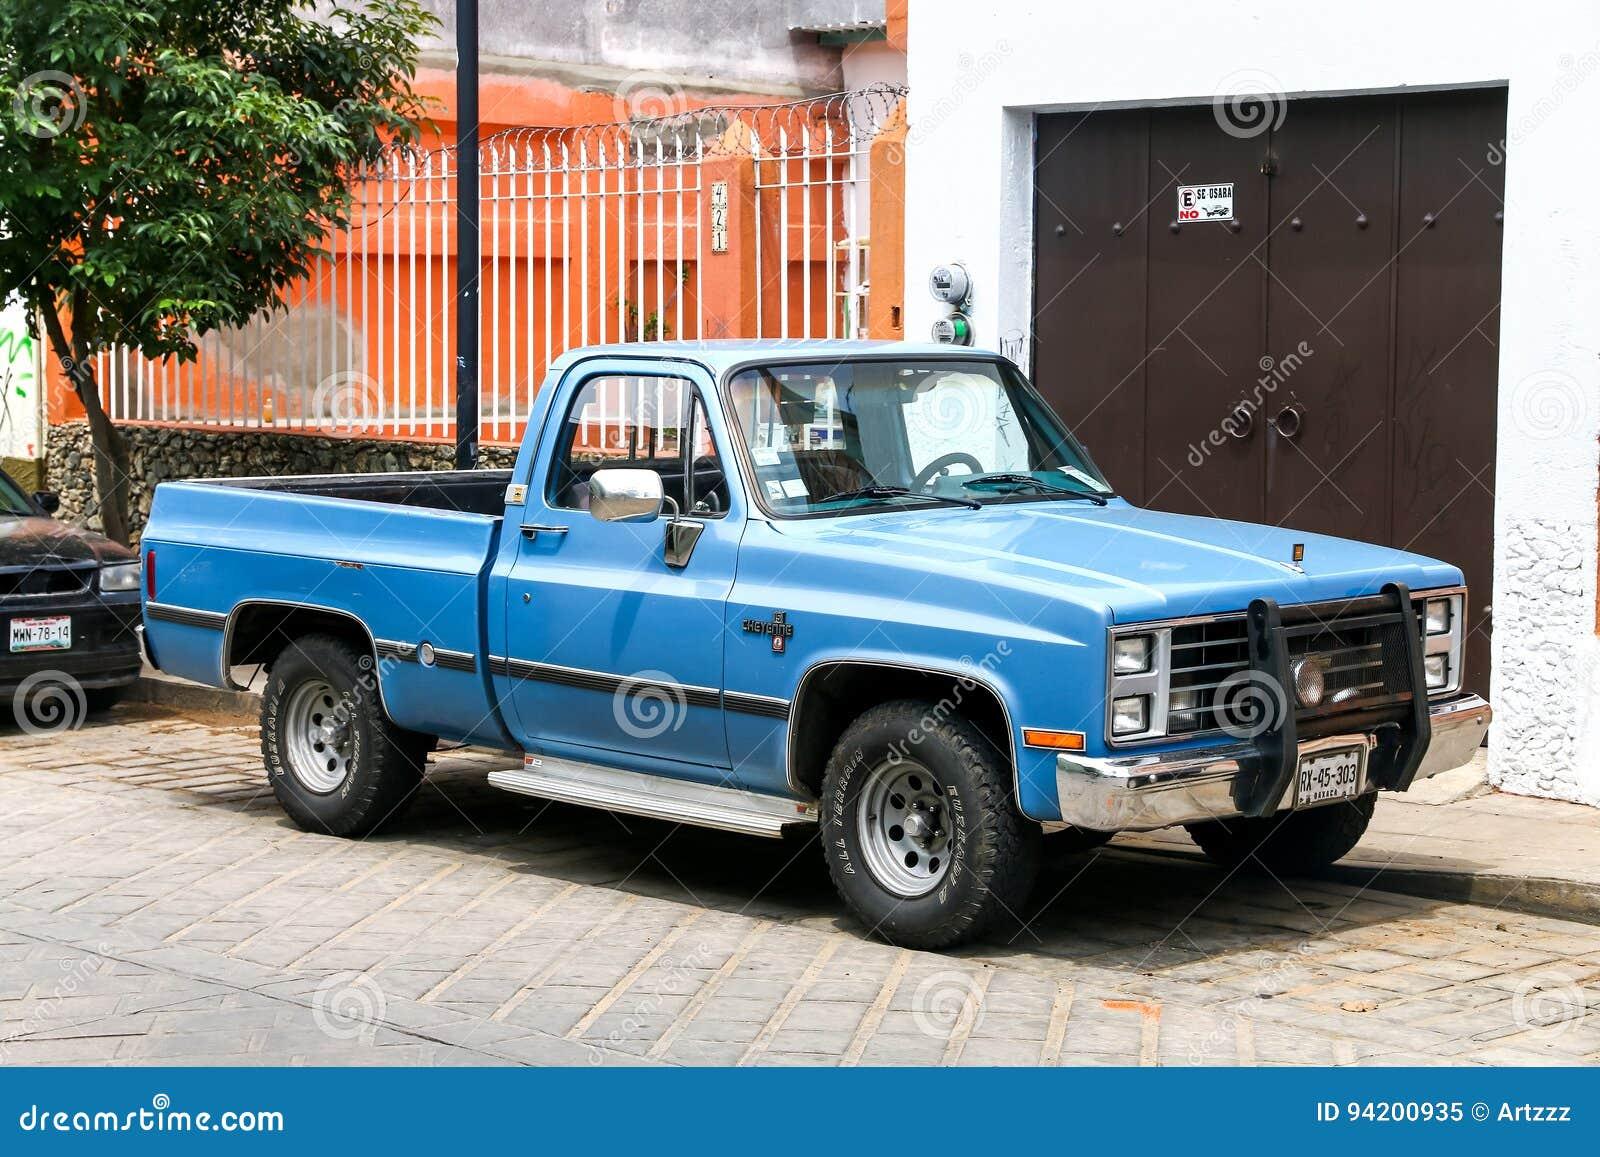 Chevrolet Cheyenne Redaktionelles Bild Bild Von Motor 94200935